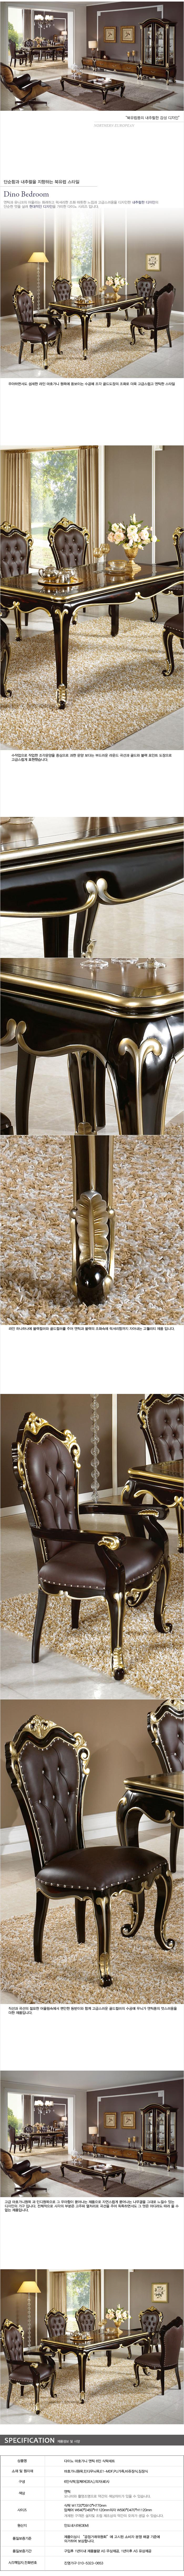 20140724-dino-1720-6B.jpg